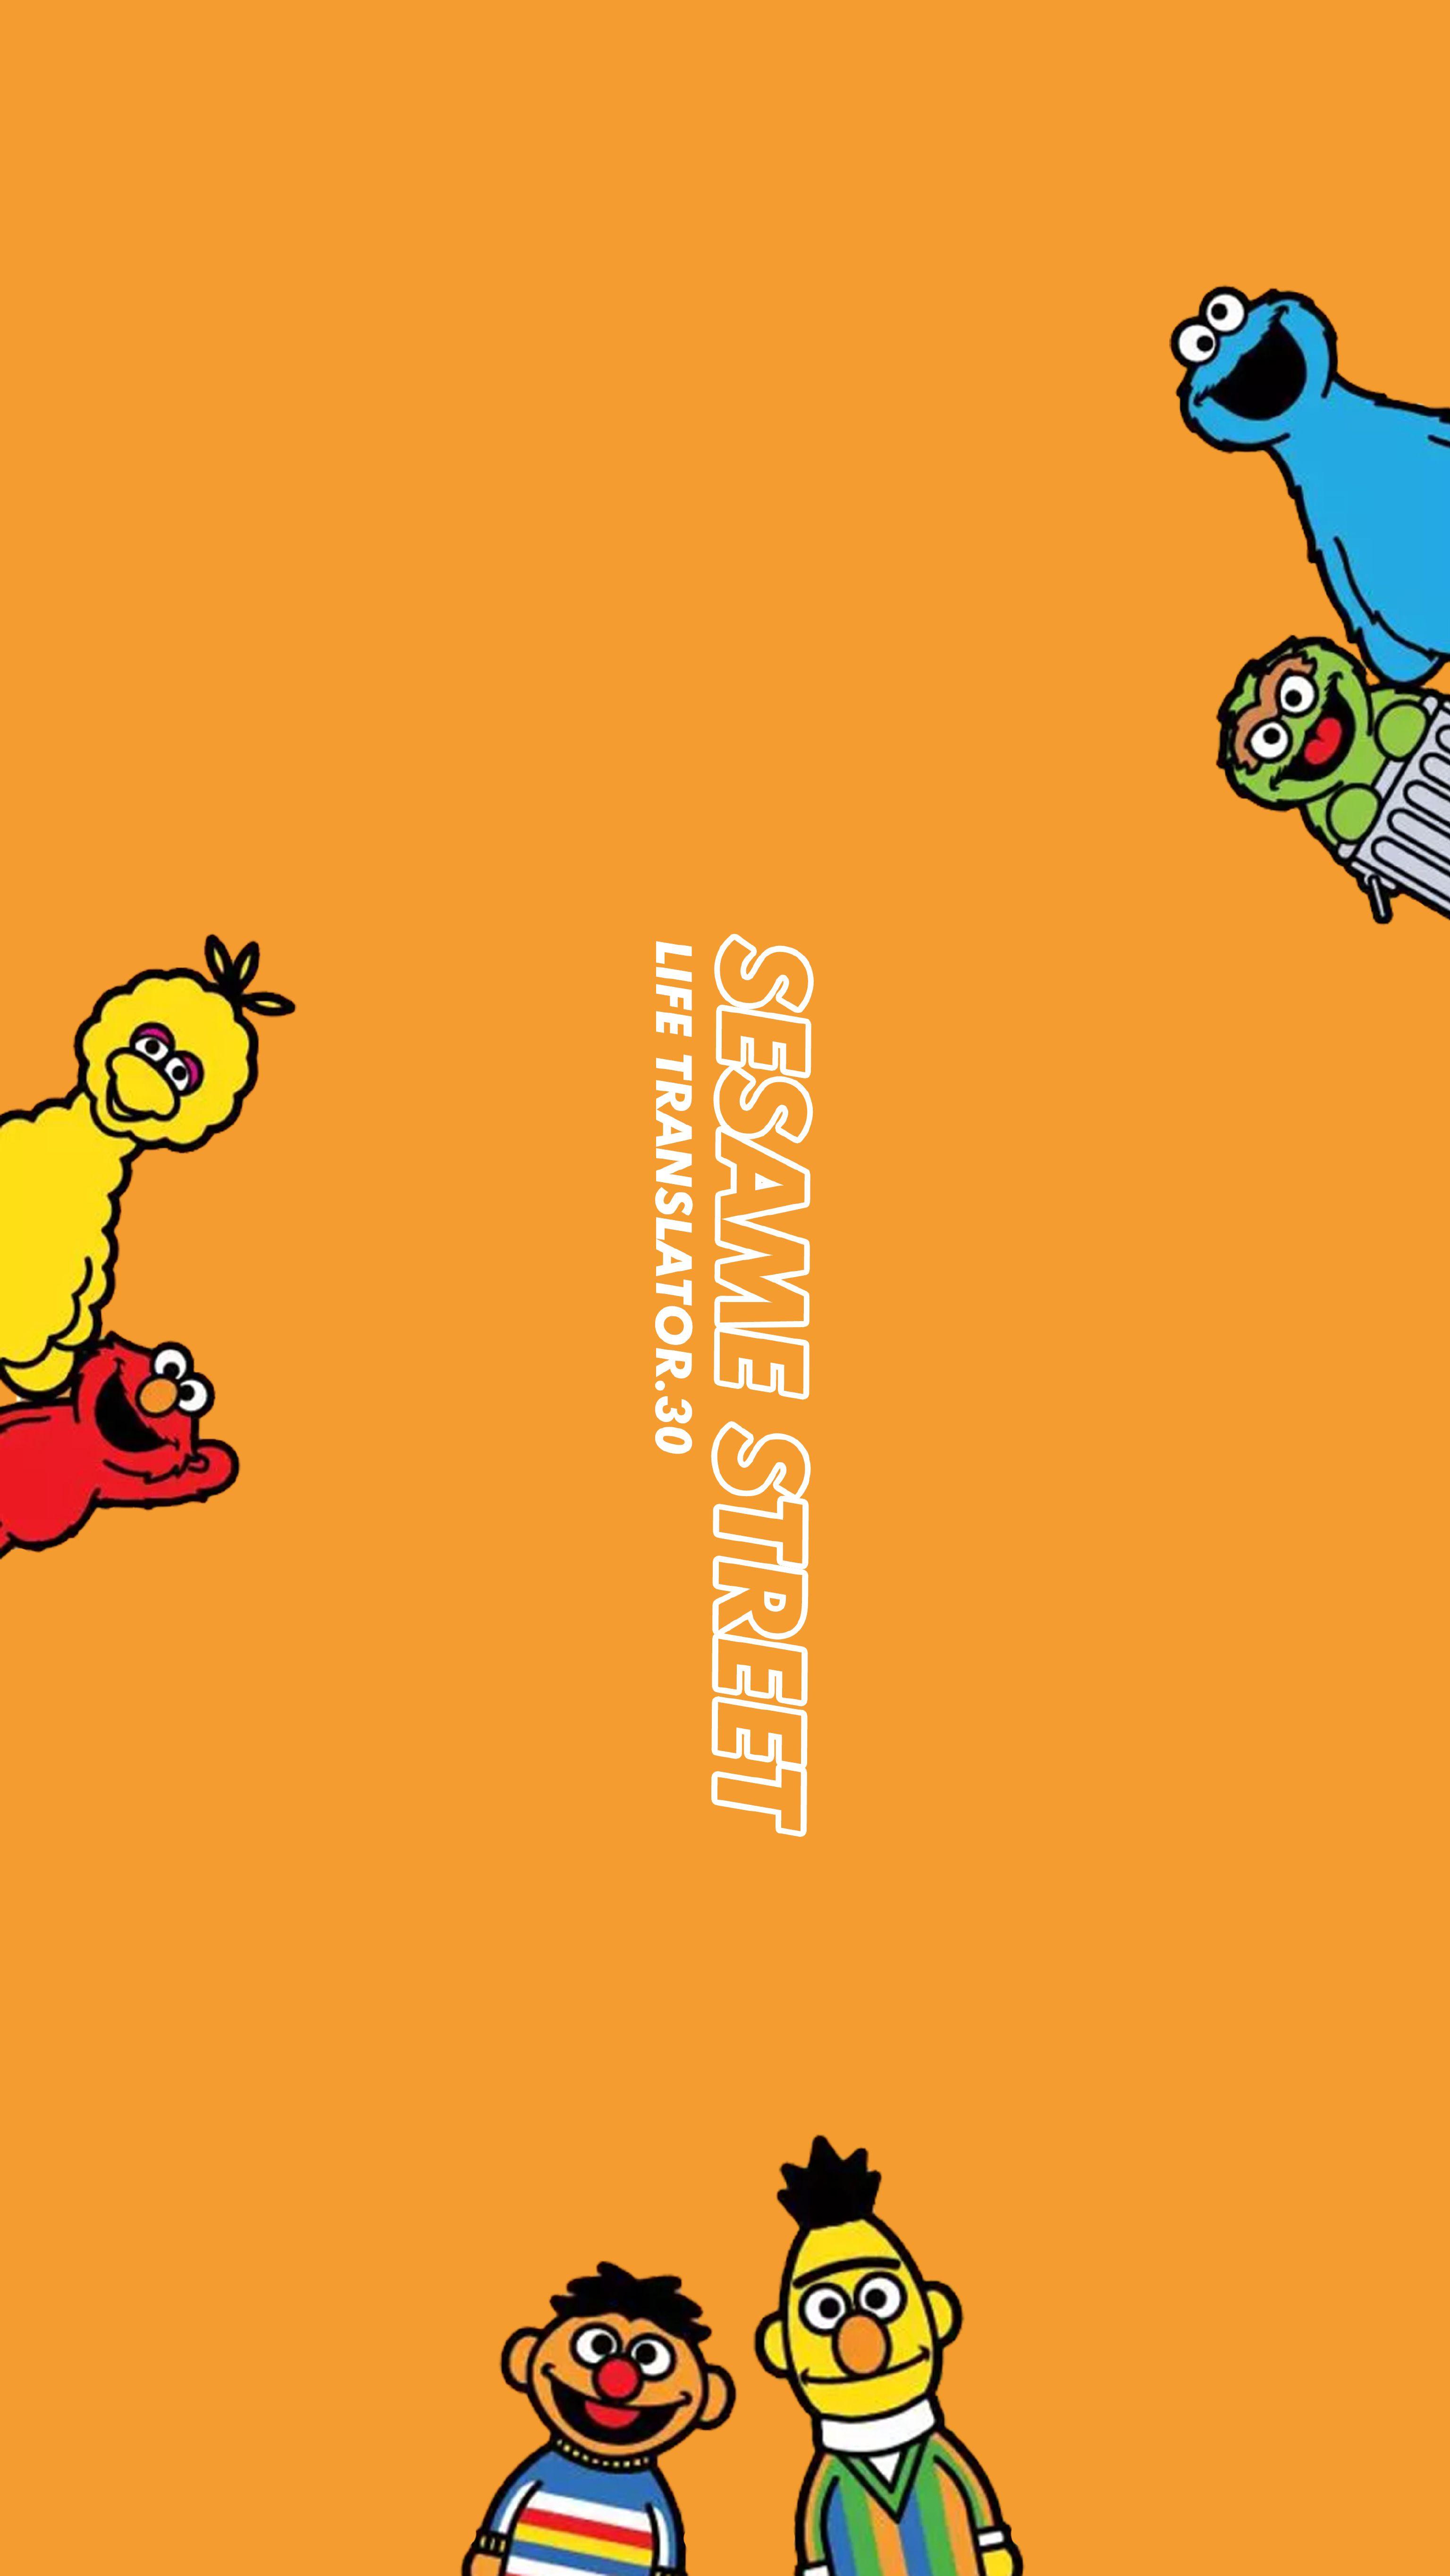 100 件 Sesame Street おすすめの画像 セサミストリート エルモ クッキーモンスター